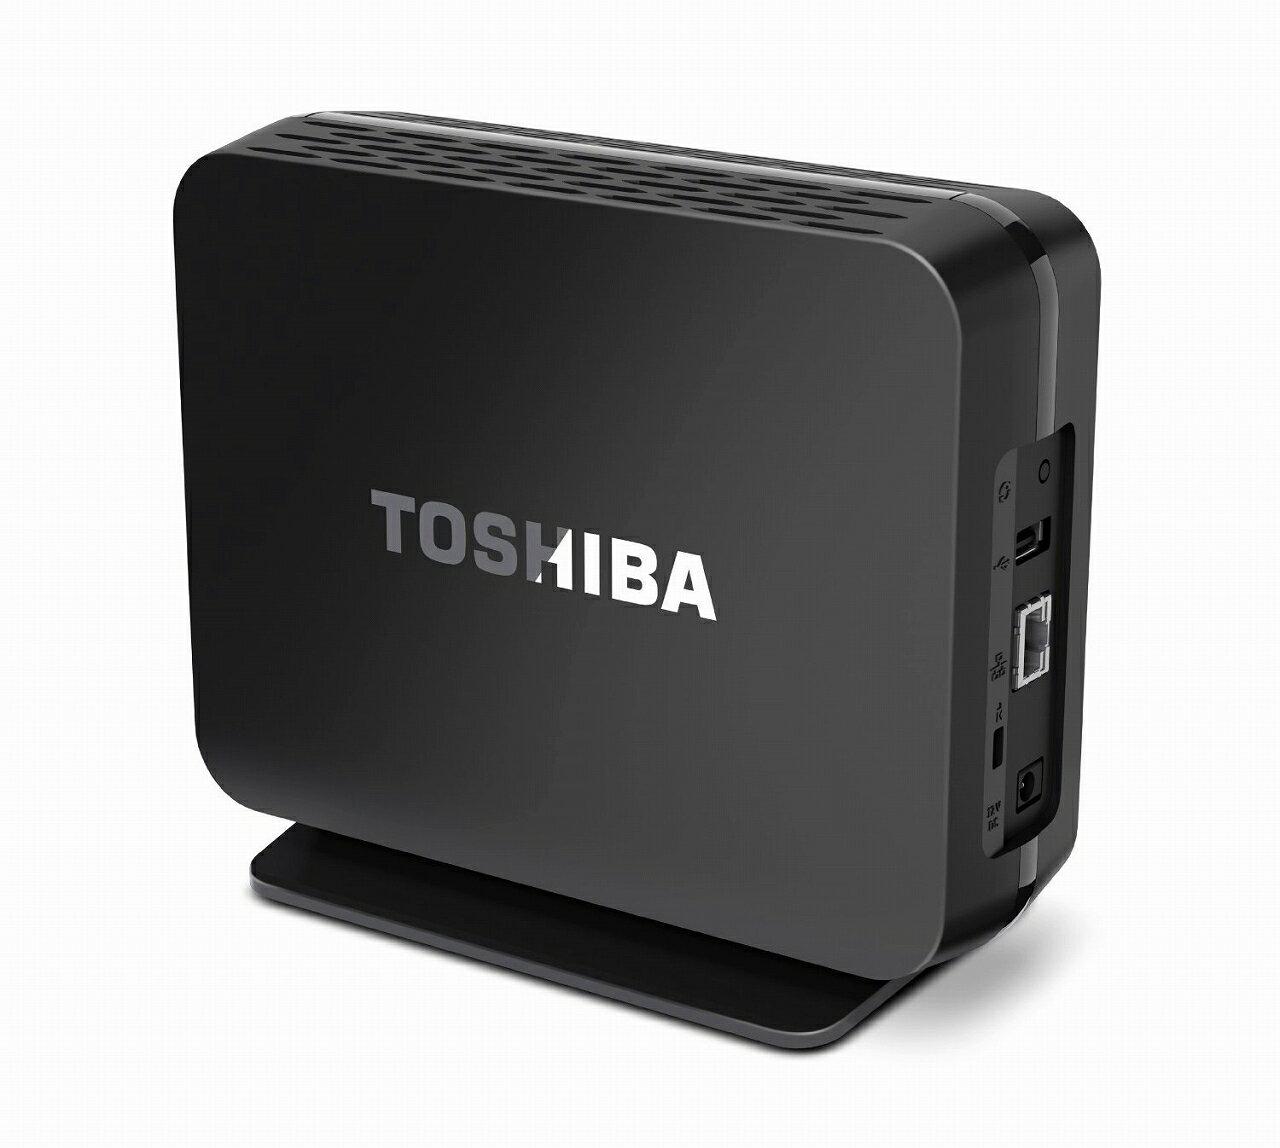 東芝NAS 外付けハードディスク canvio 3TB USB2.0 ネットワークストレージ ネットワークアタッチトストレージ TOSHIBA【訳あり箱潰れ品】海外モデル